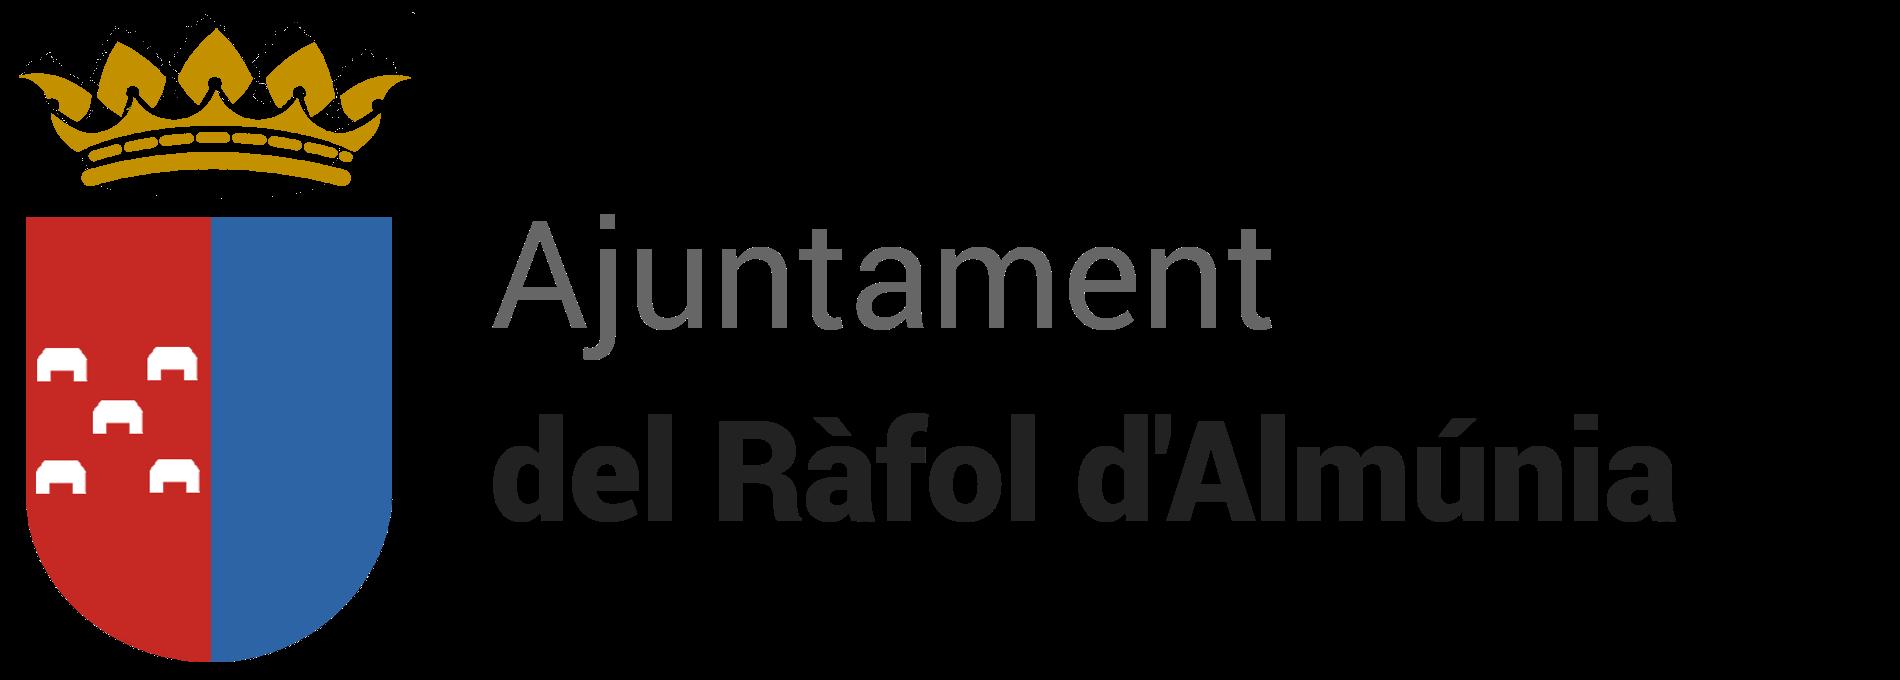 Rafol Almunia